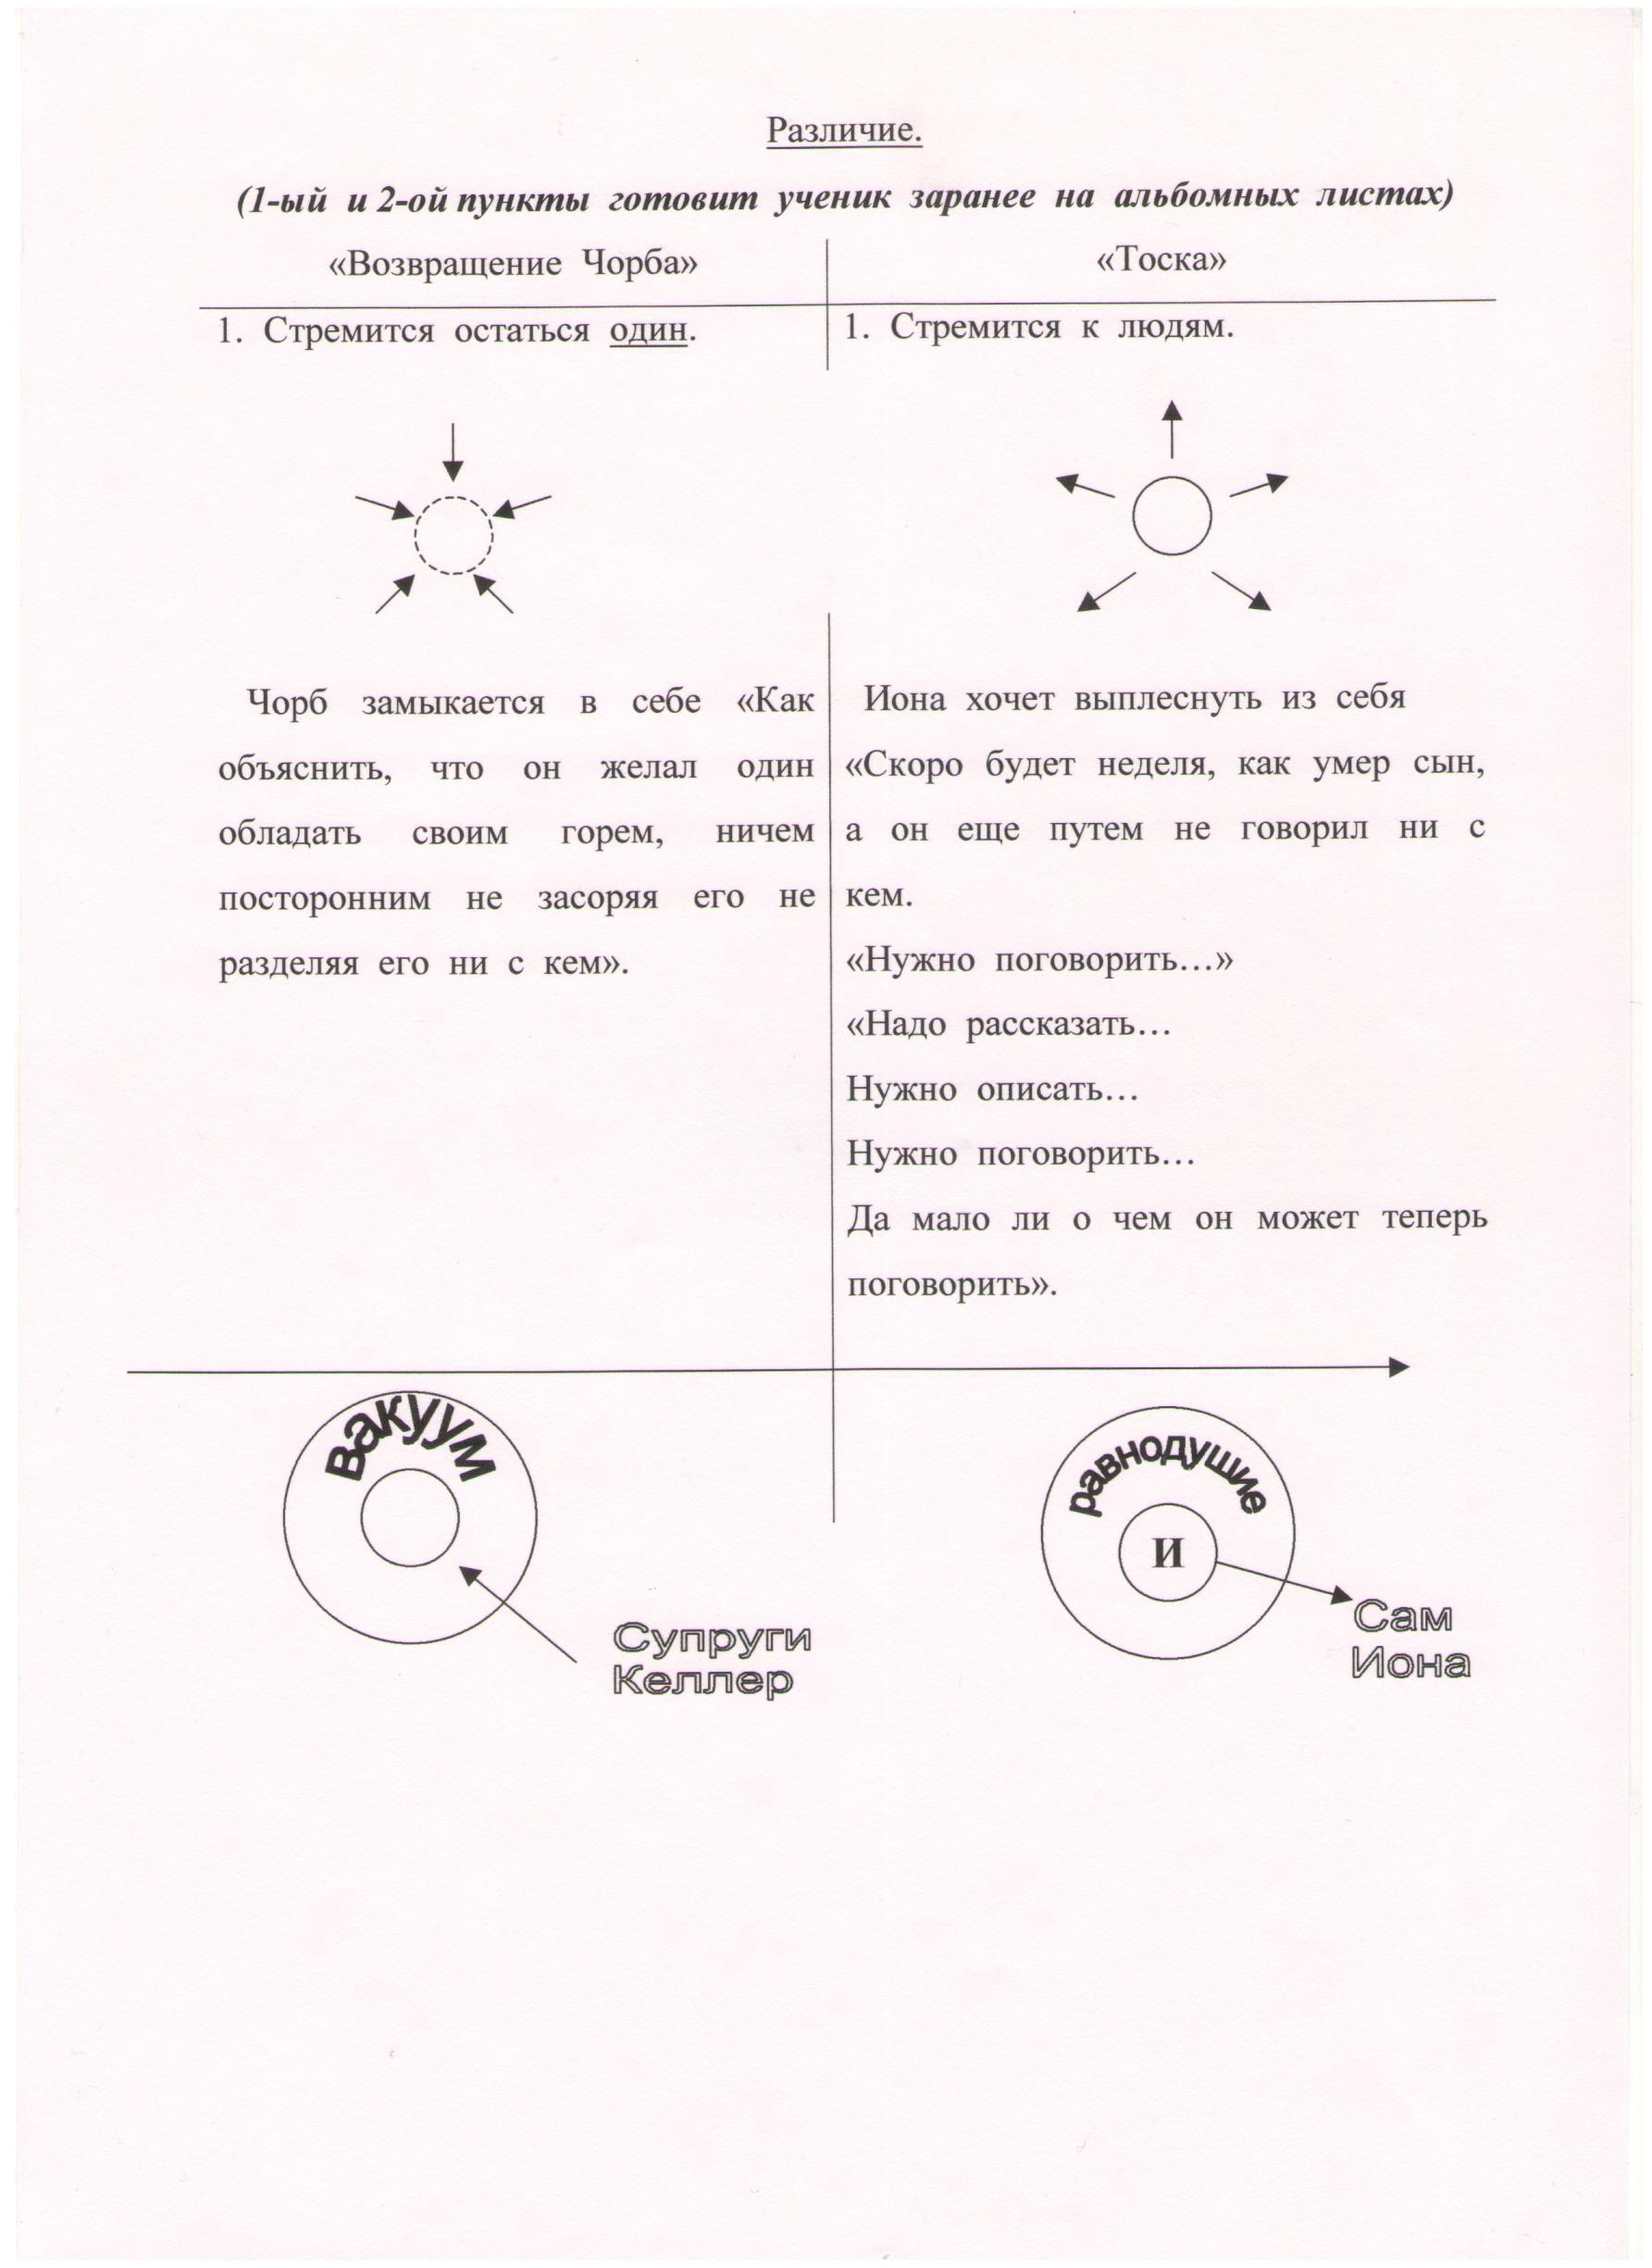 C:\Documents and Settings\Учитель\Рабочий стол\Новая папка\Работа Светы 31.jpg